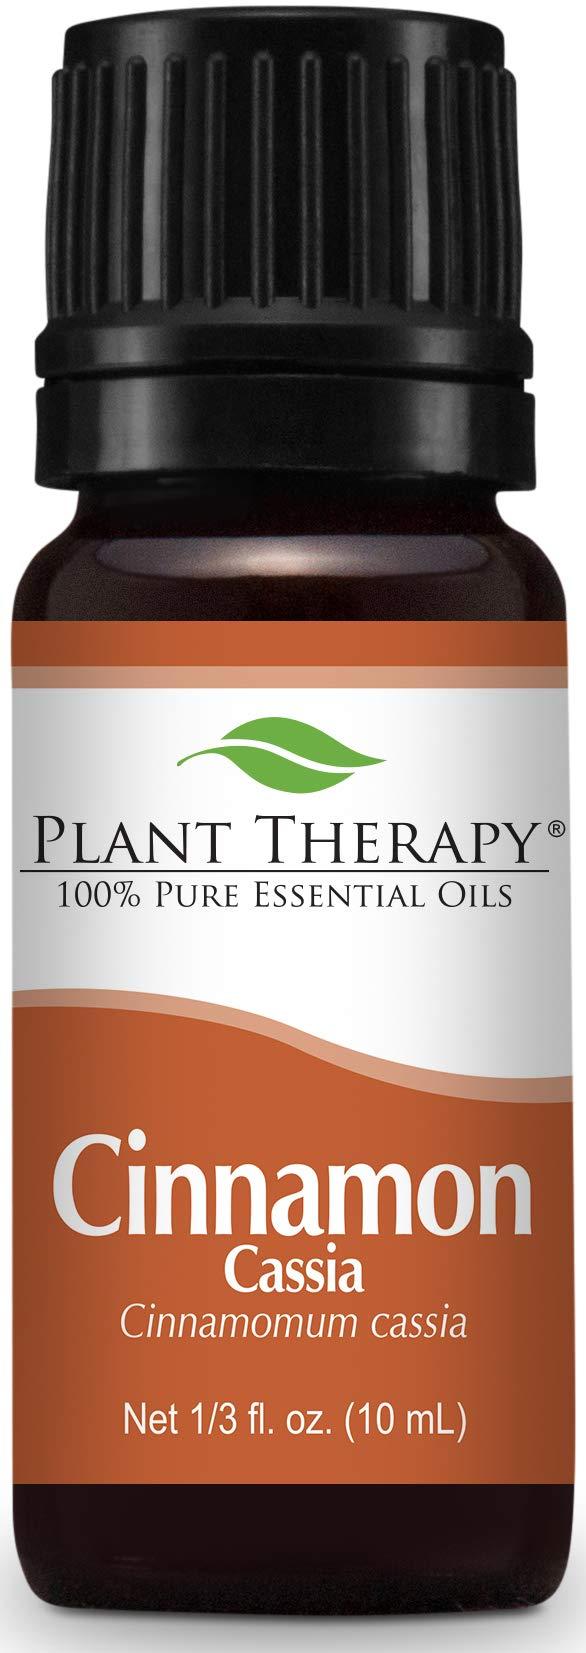 Plant Therapy Cinnamon Cassia Essential Oil 10 mL (1/3 oz) 100% Pure, Undiluted, Therapeutic Grade